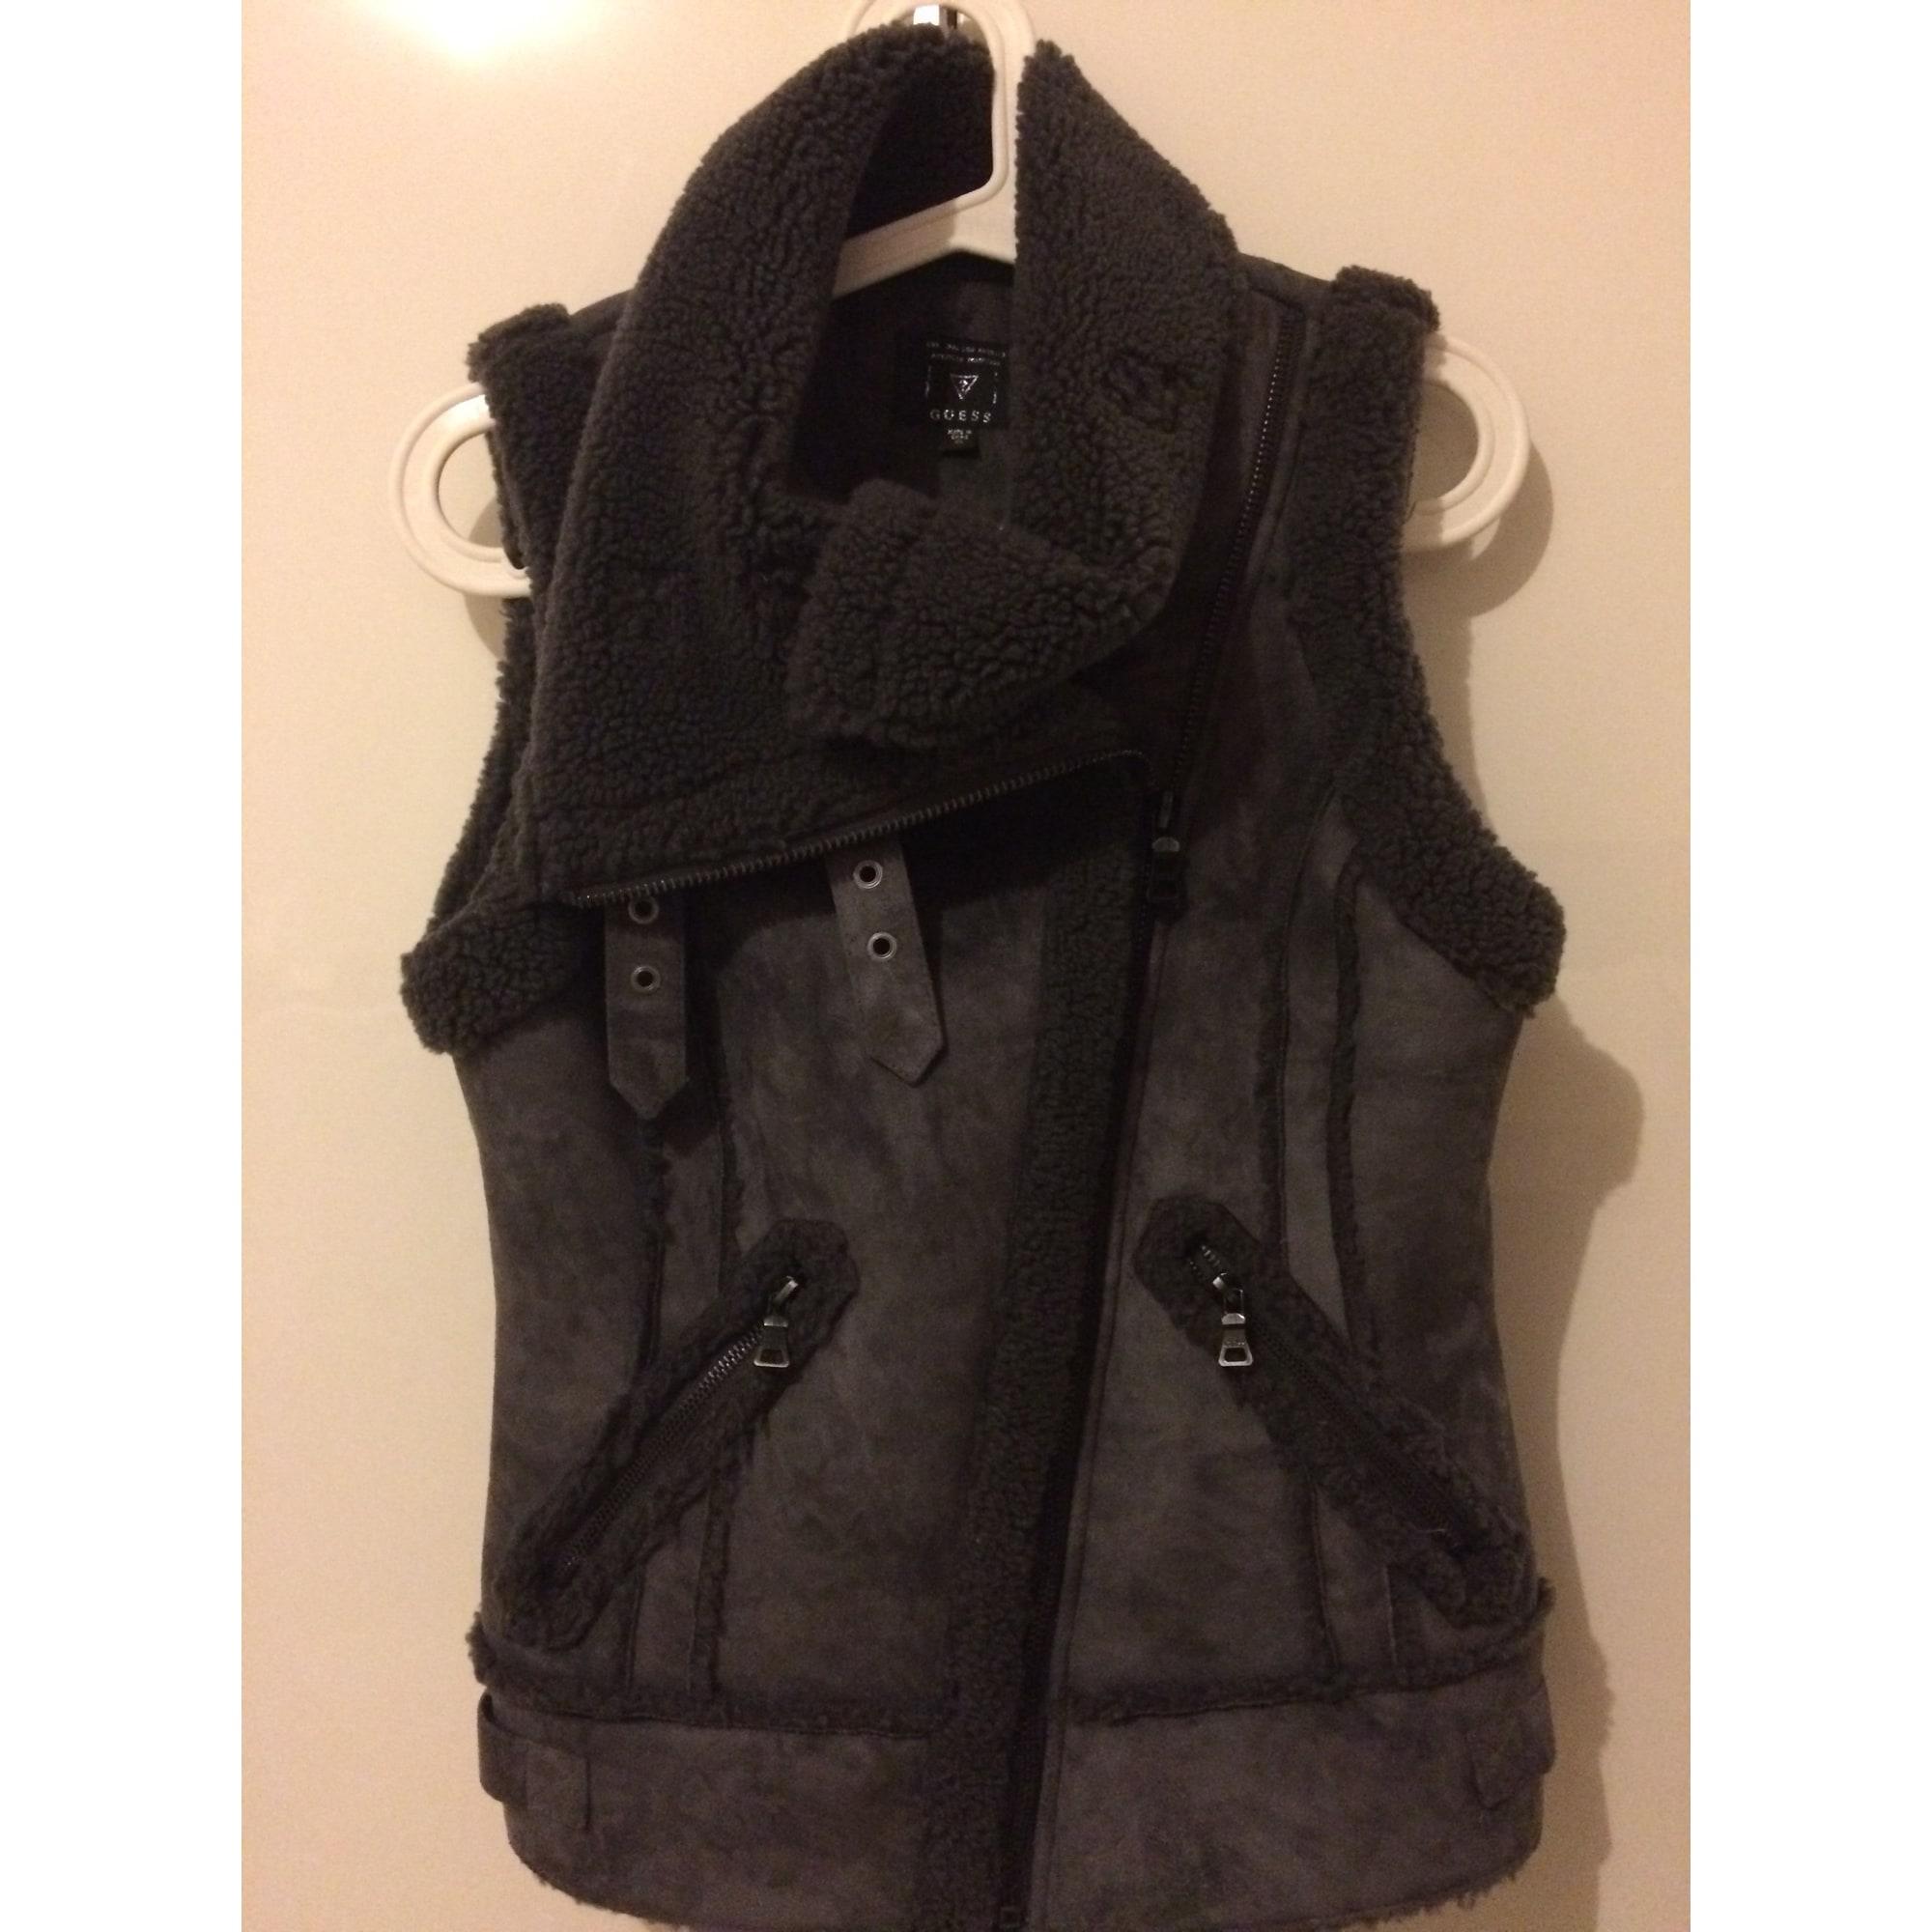 Gilet sans manches en fourrure GUESS 34 (XS, T0) gris vendu par Song ... 2da68560d7d